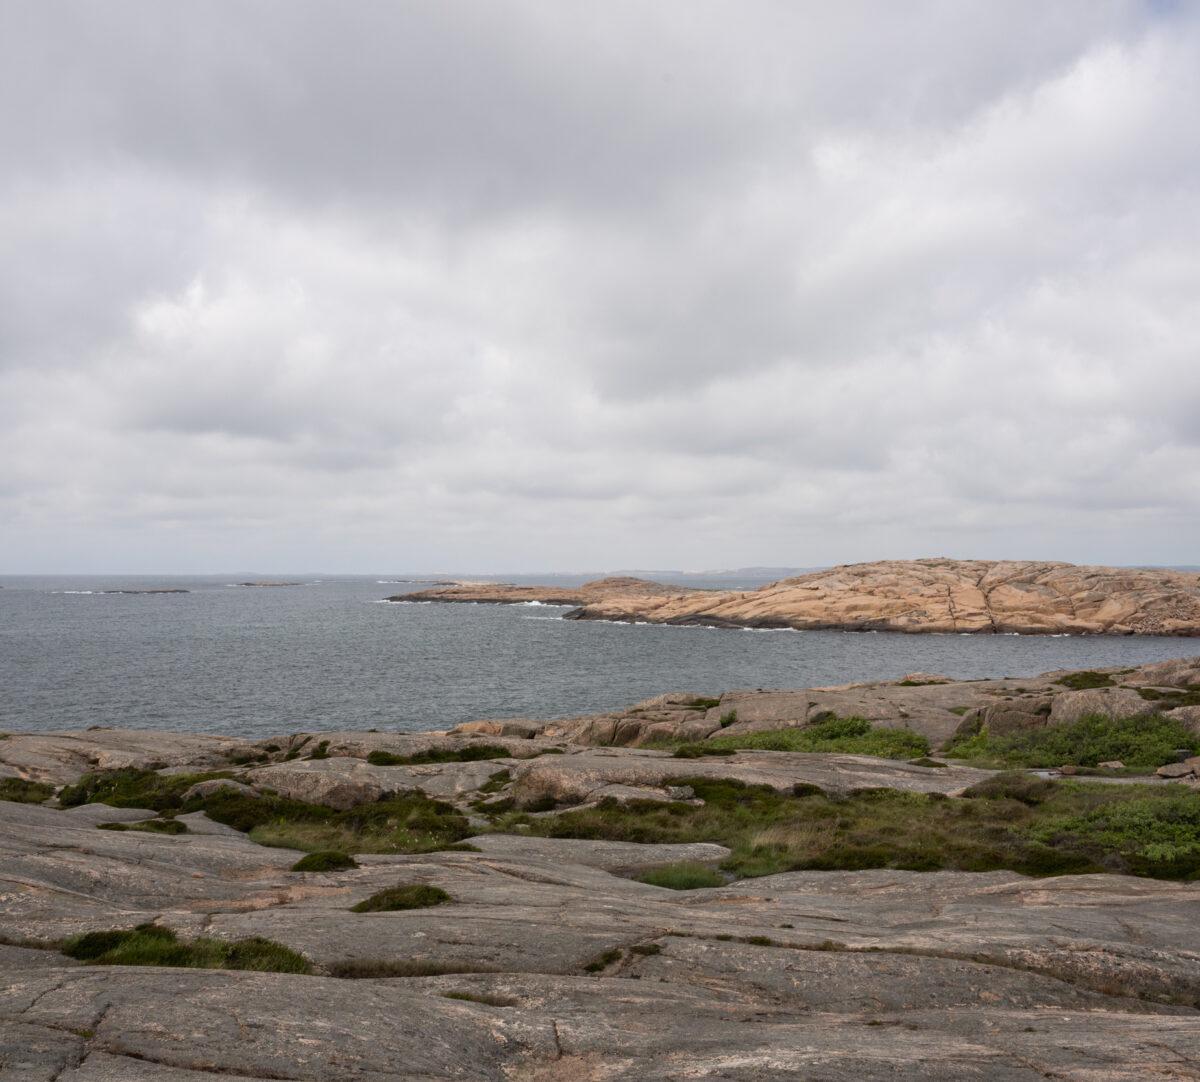 Vy över klippor och hav. Foto.